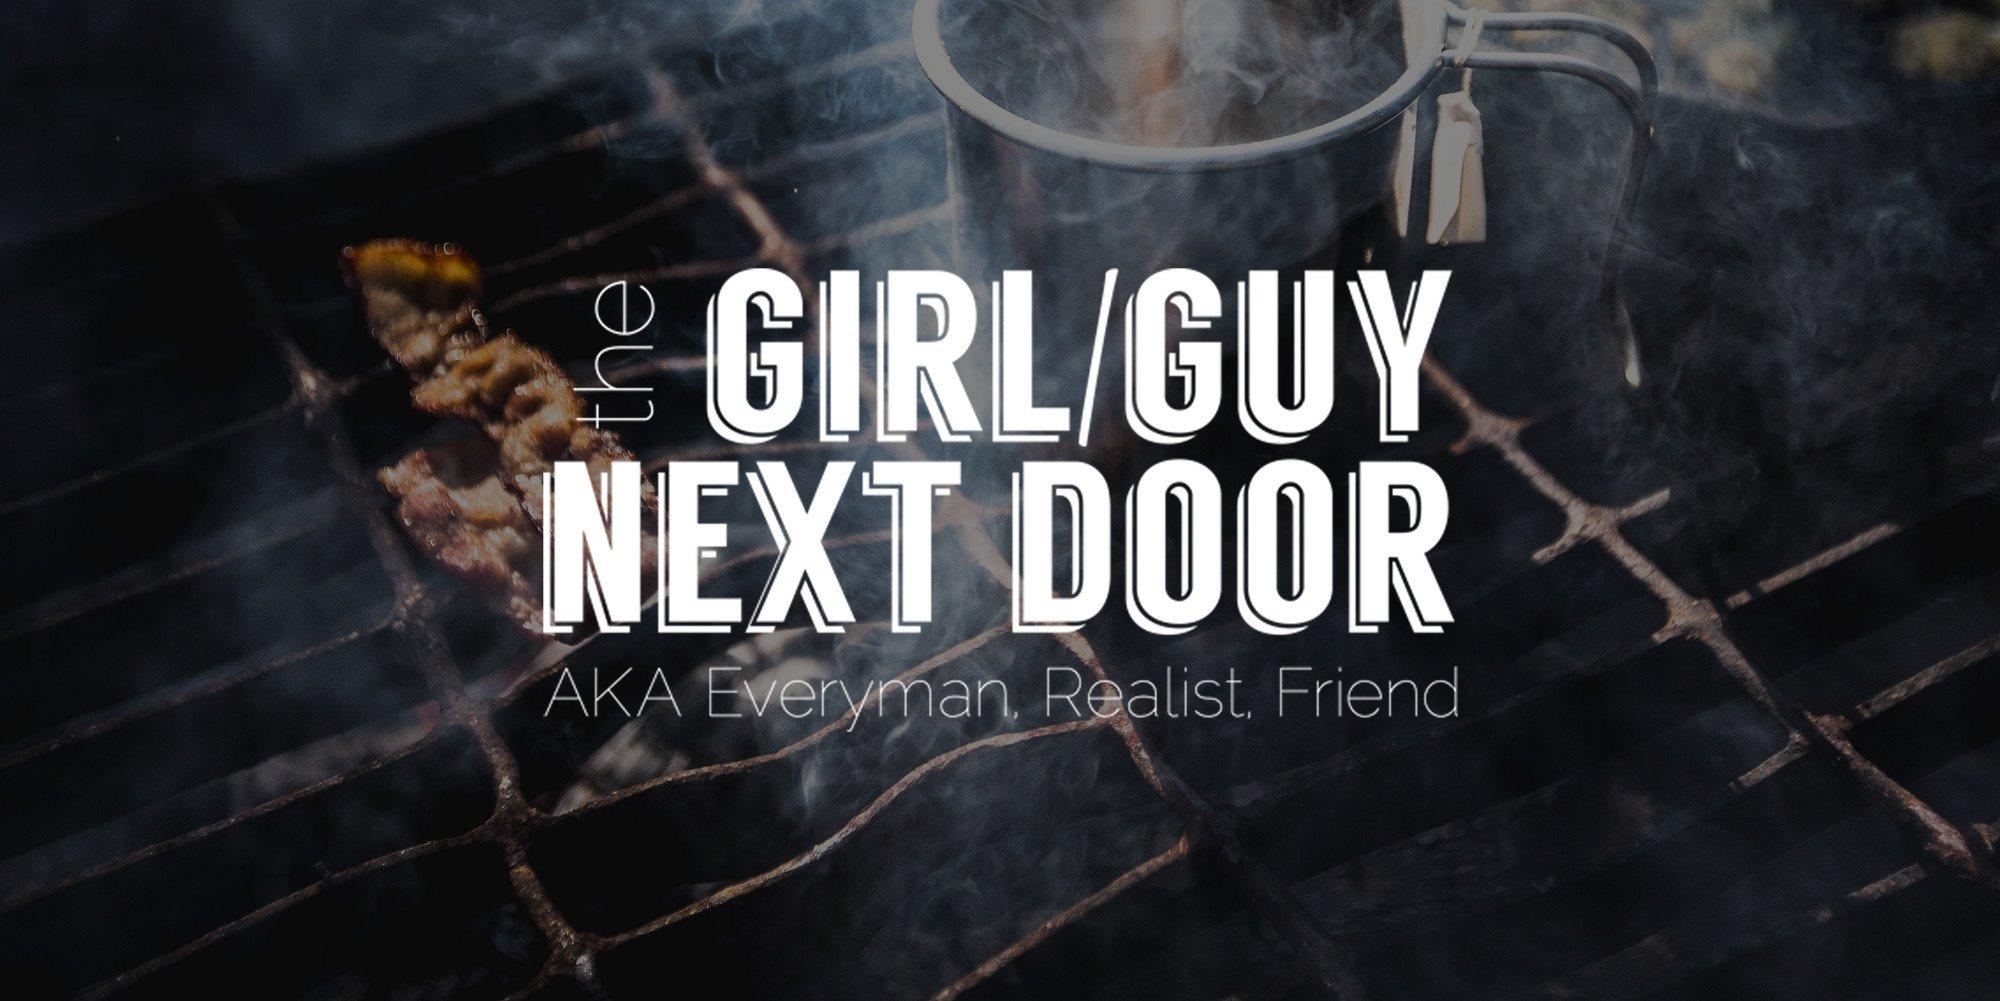 Girl/Guy Next Door Brandfluency Course